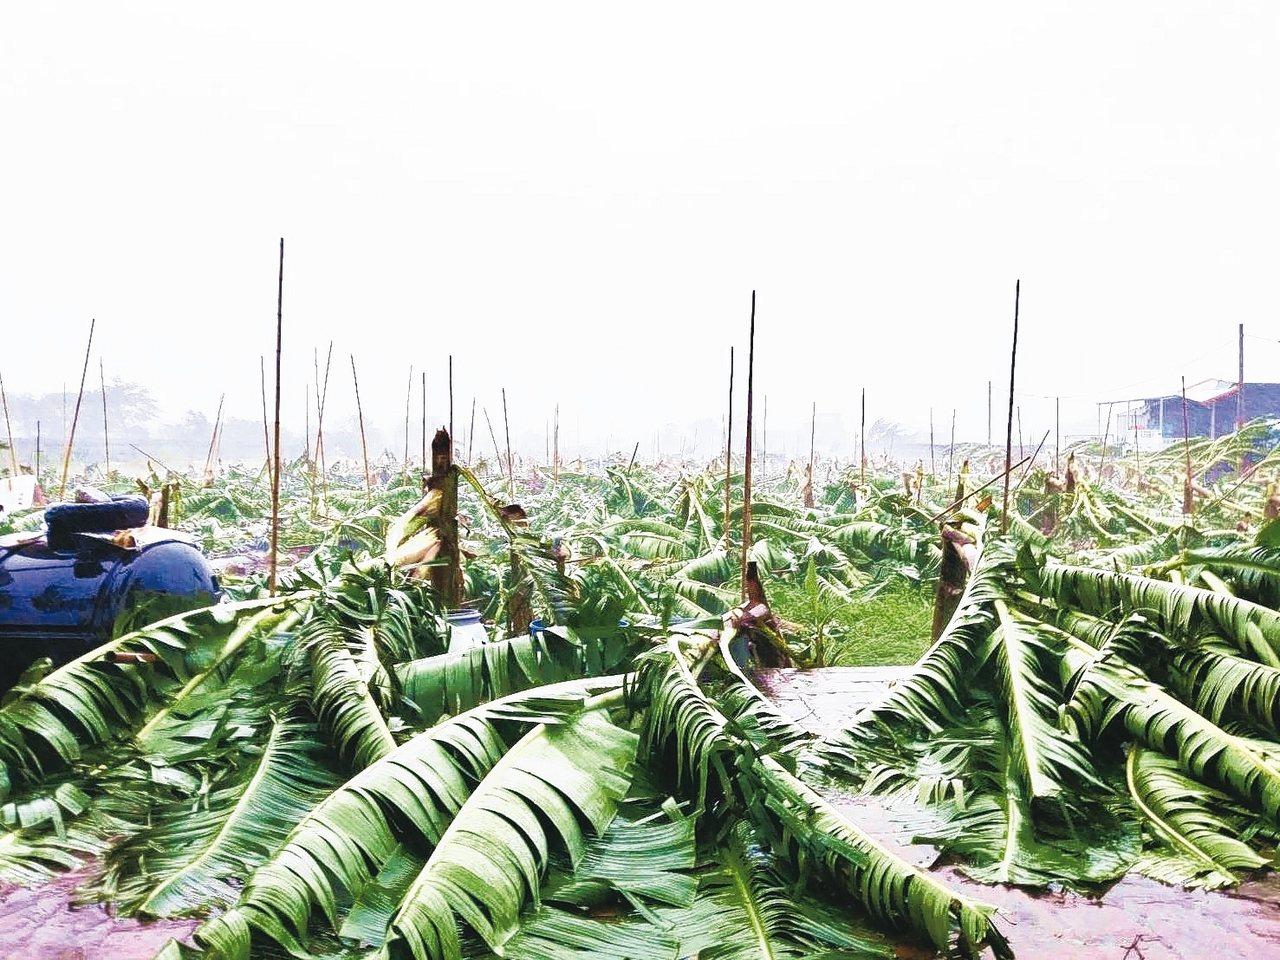 白鹿颱風造成台東香蕉倒伏及葉面破損計66公頃。 記者羅紹平/攝影